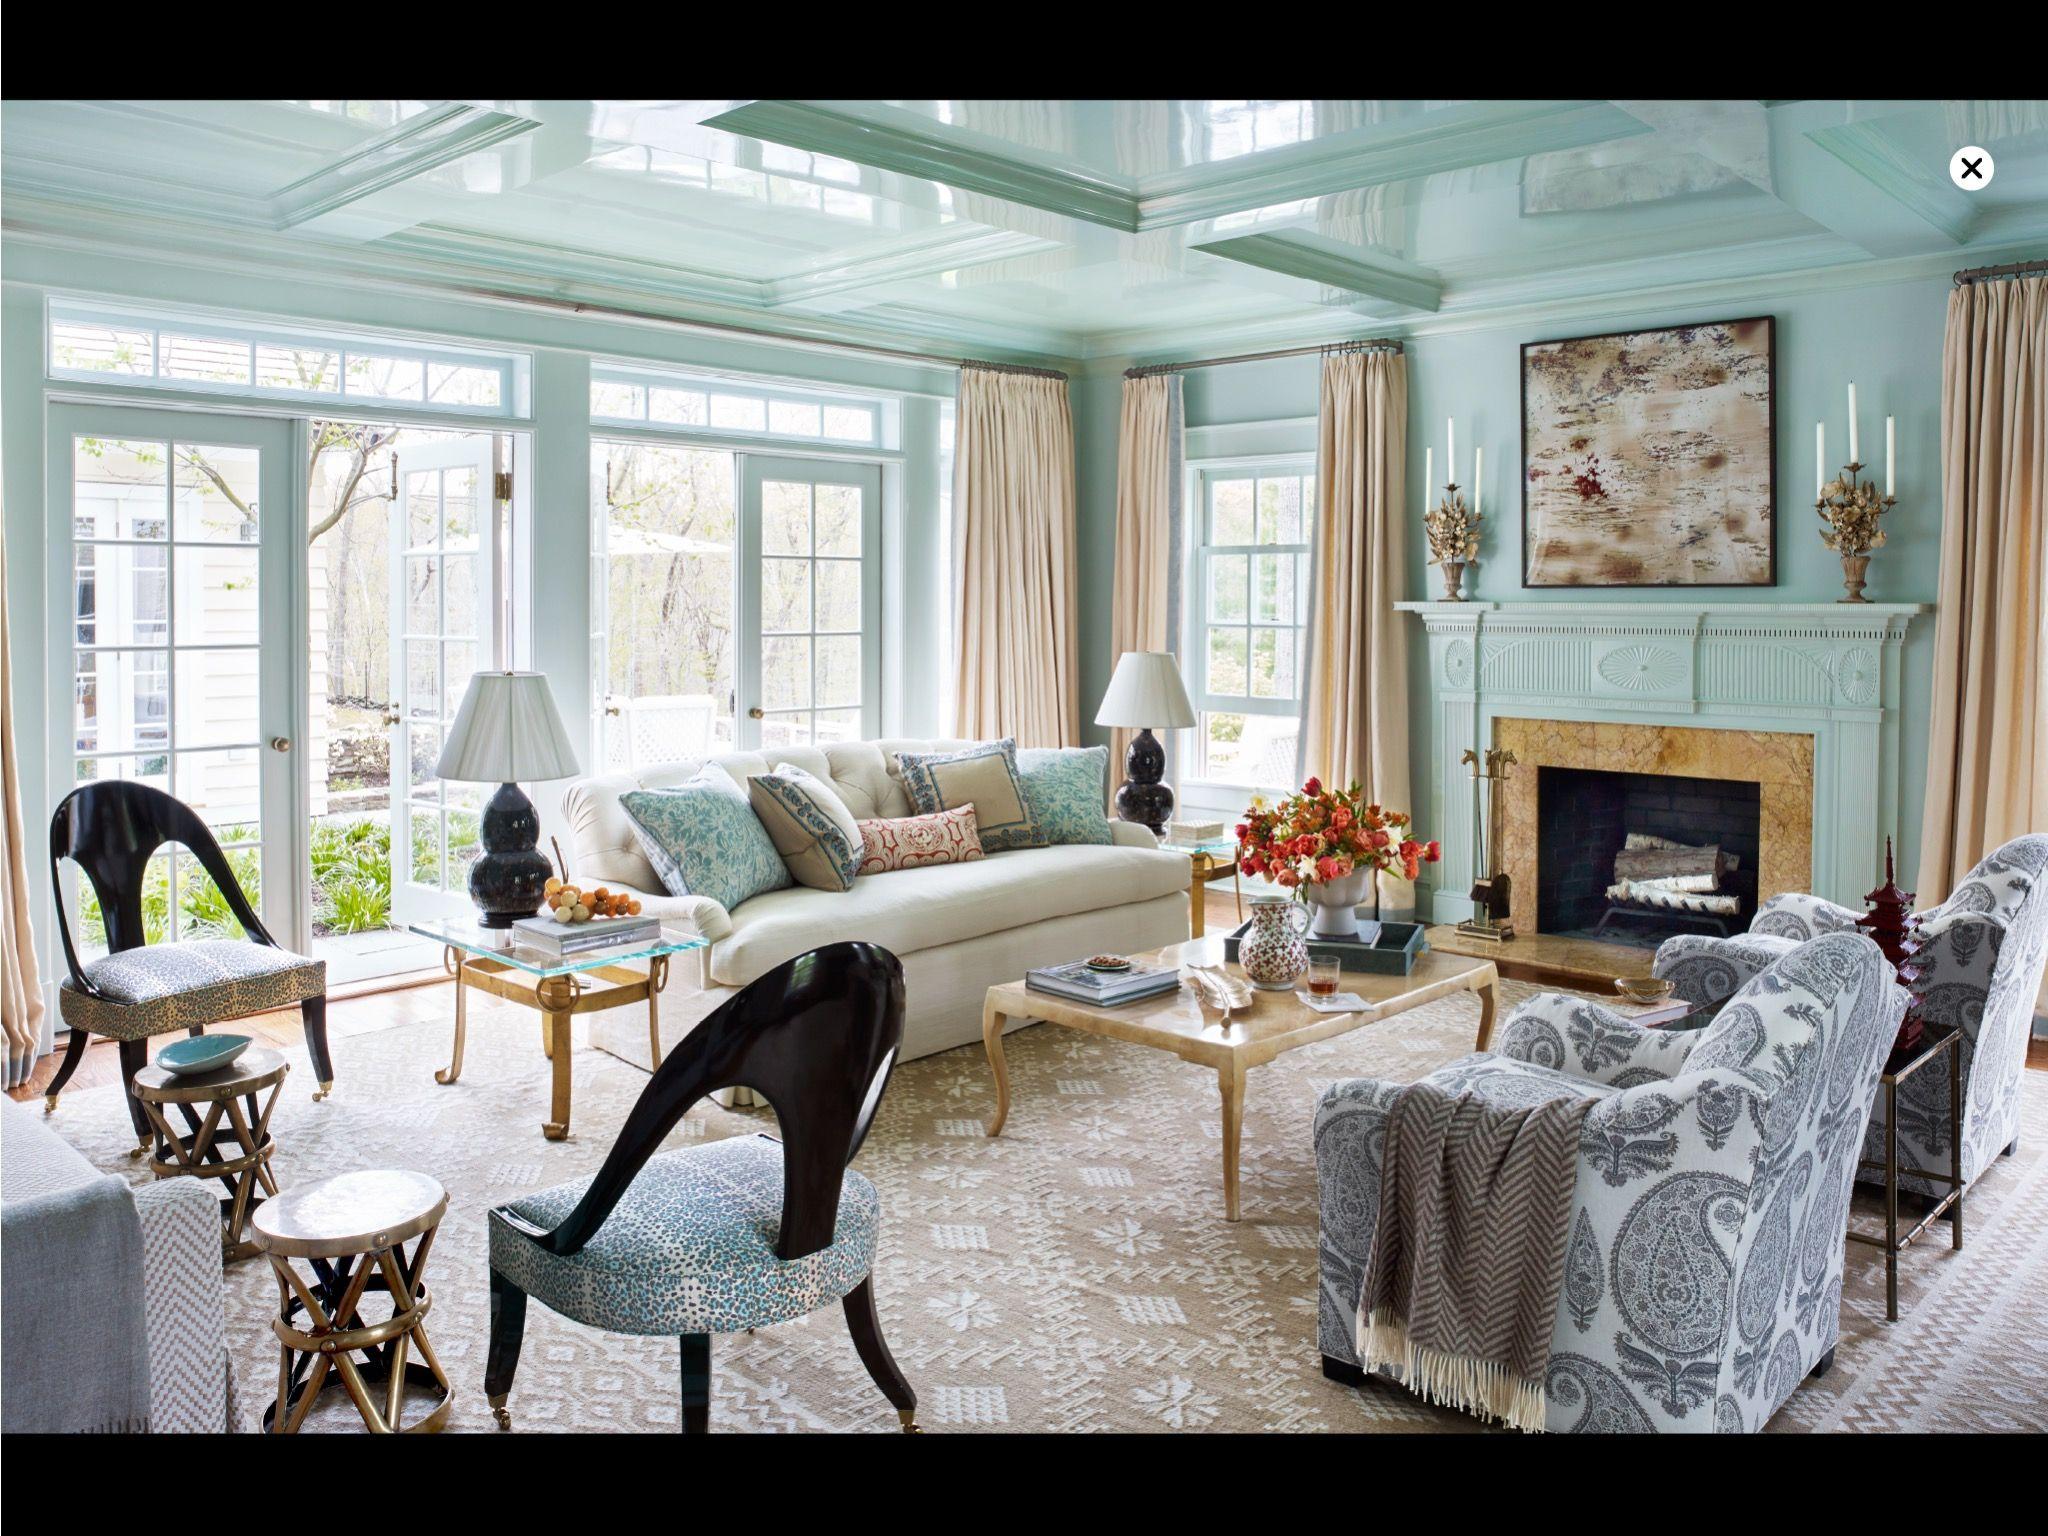 Explore Home Design Interior Design and more